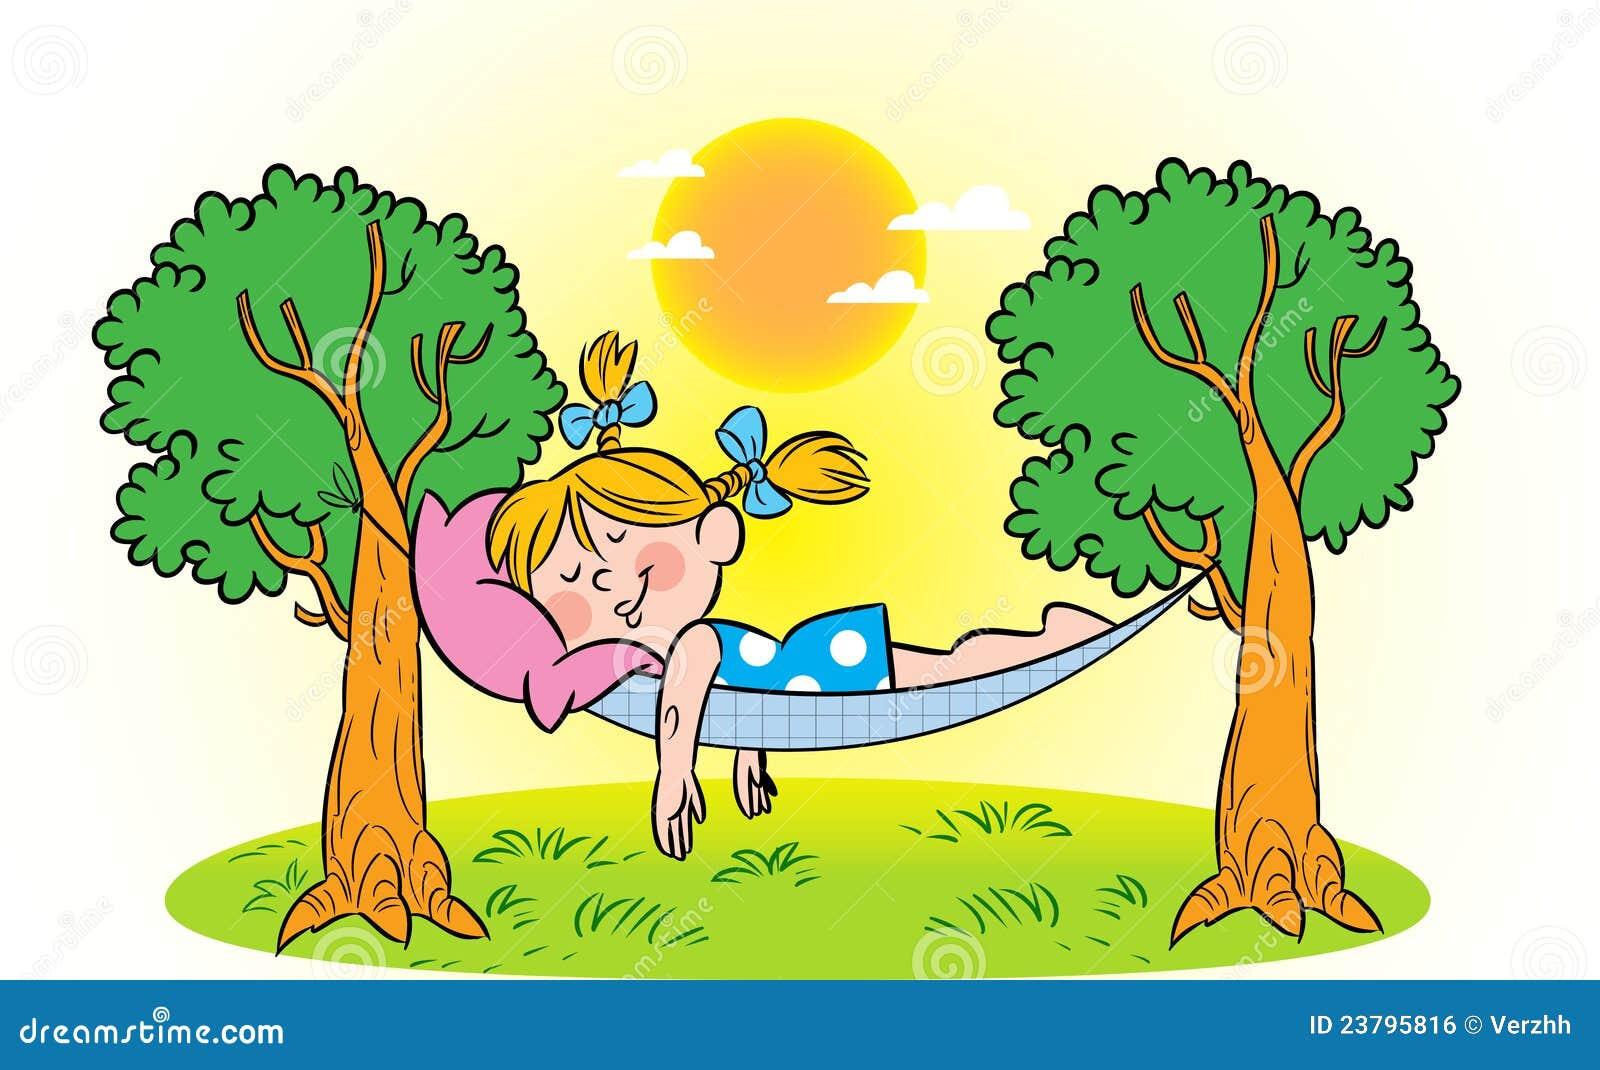 free clipart hammock cartoon - photo #29